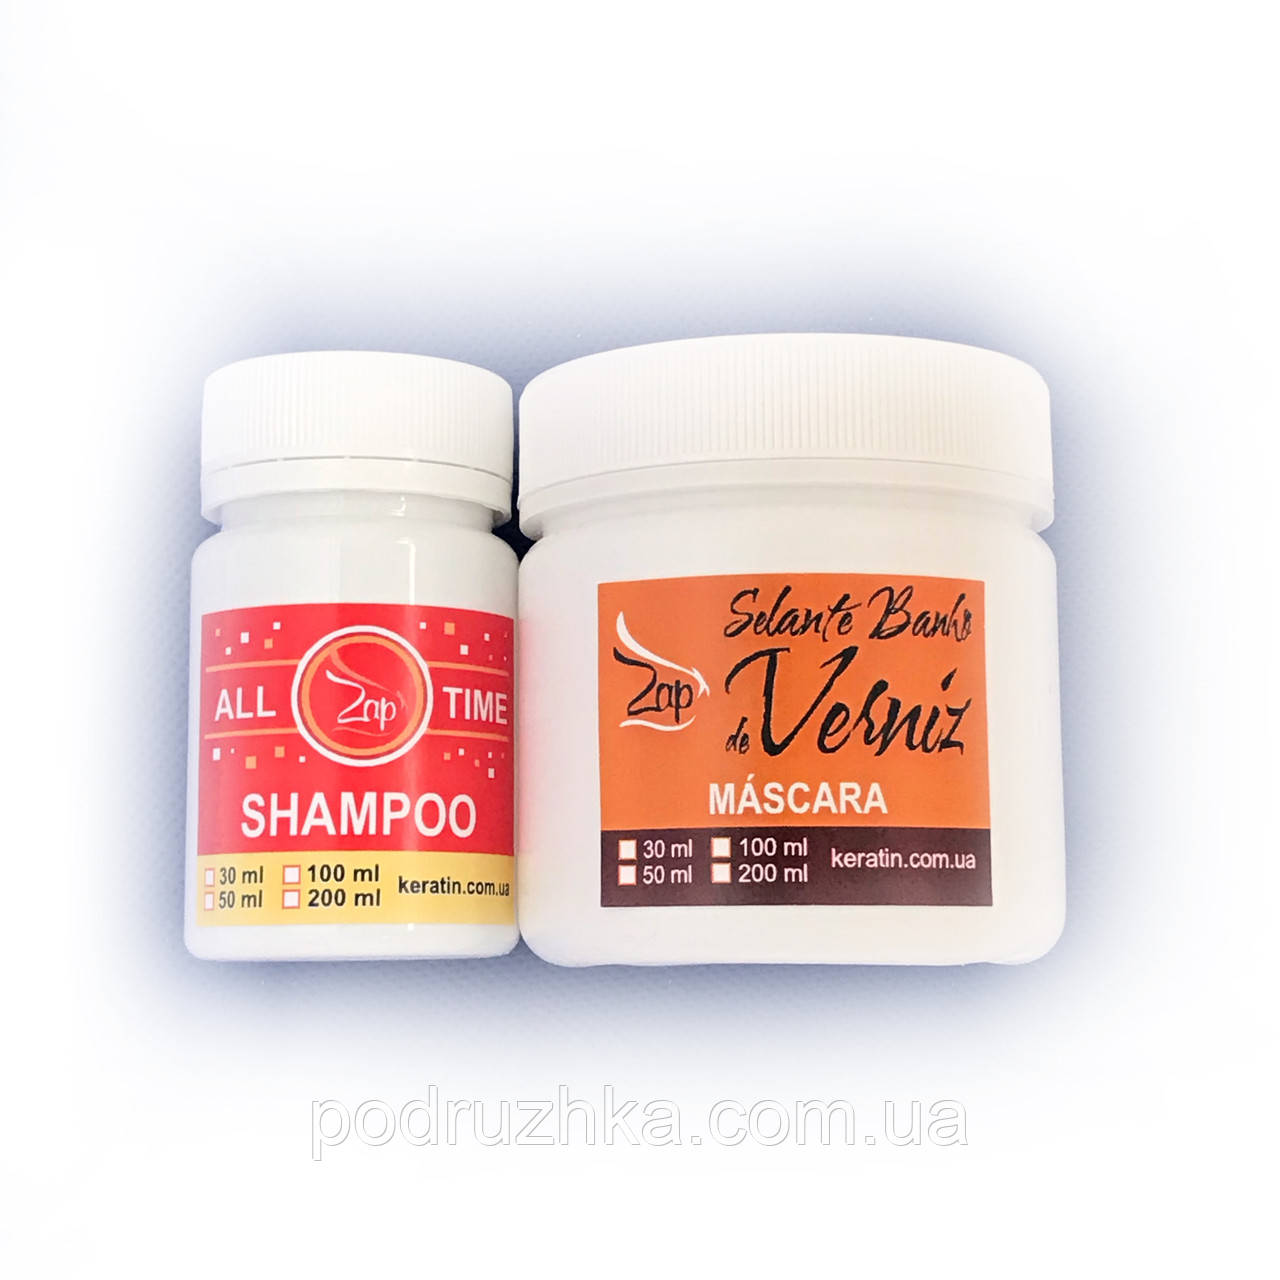 Набор ботекс-глянец для волос Zap Ztox Banho de Verniz 50/100 г